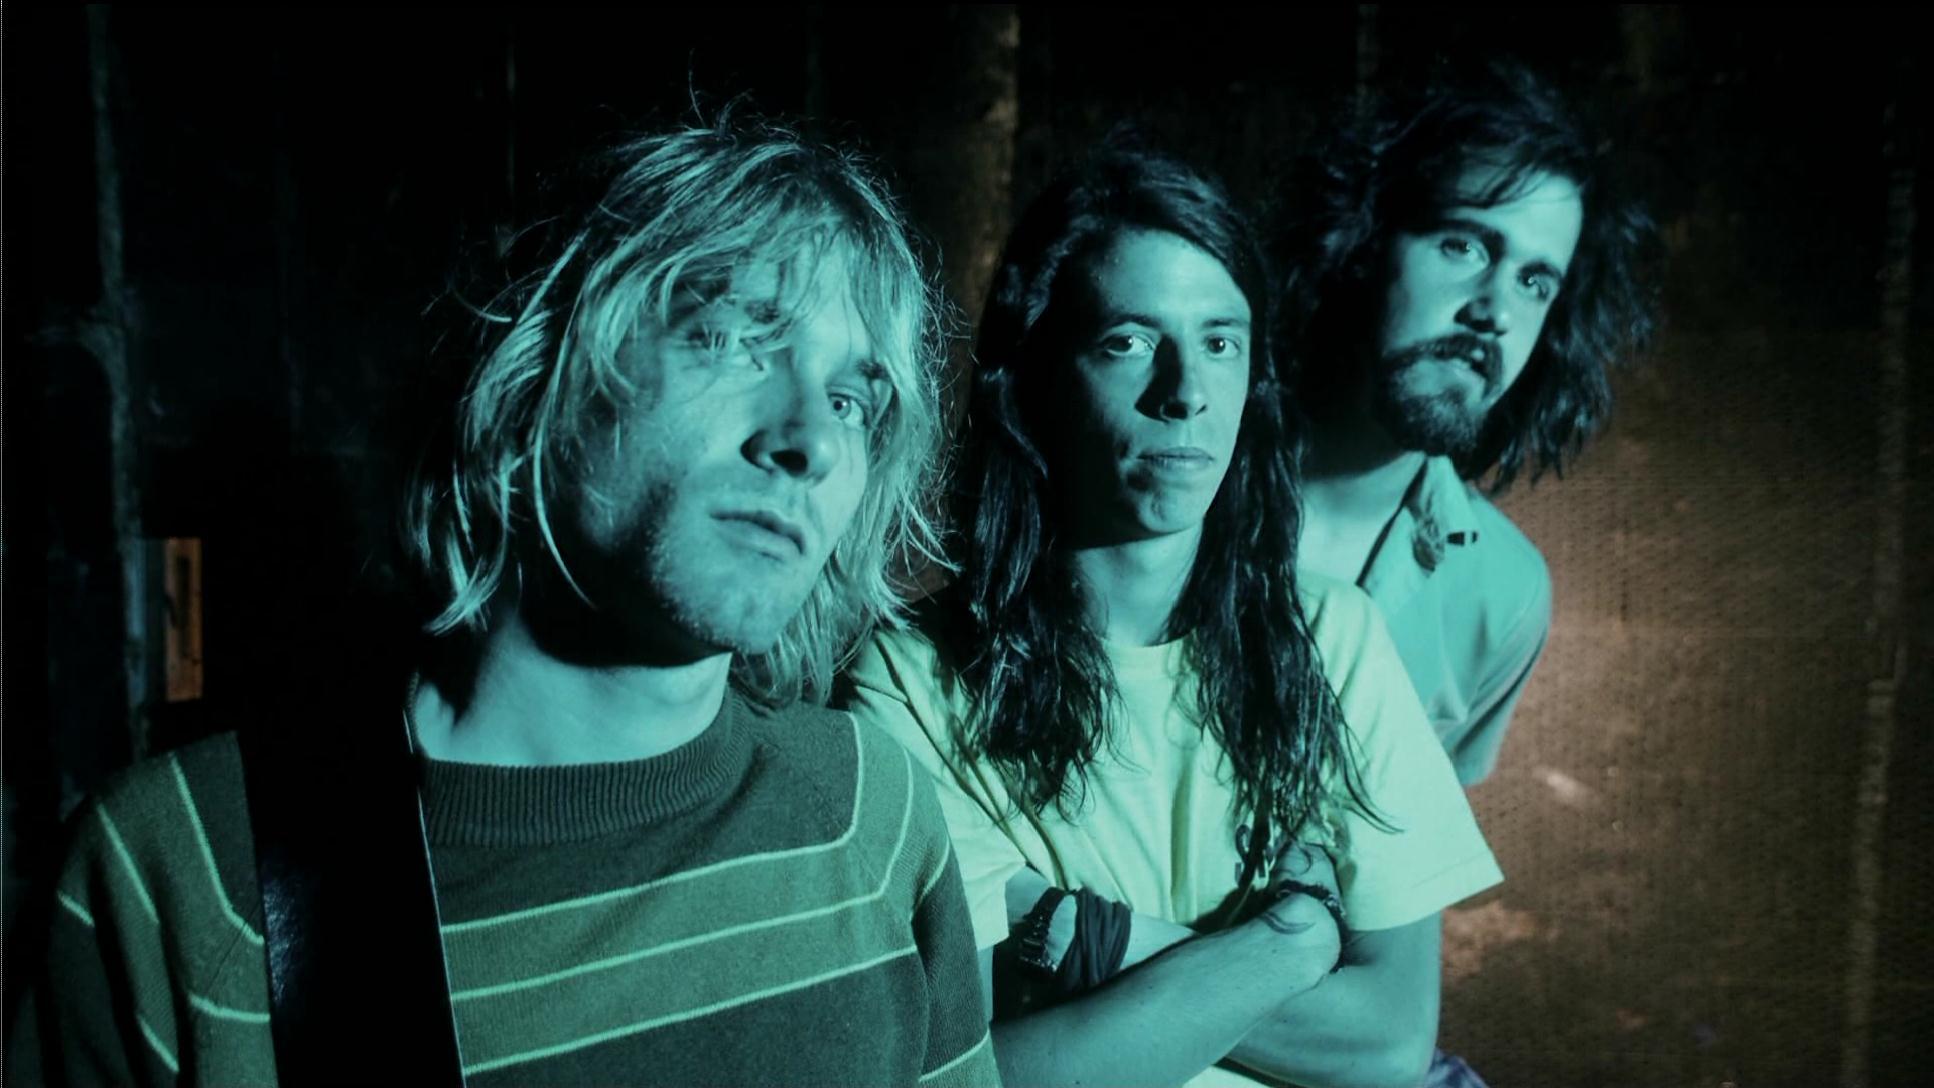 Az áttörés éve, 1991. Ekkor rögzítik és adják ki a Nevermind-ot, a lemezen már Dave Grohl (középen) dobol.